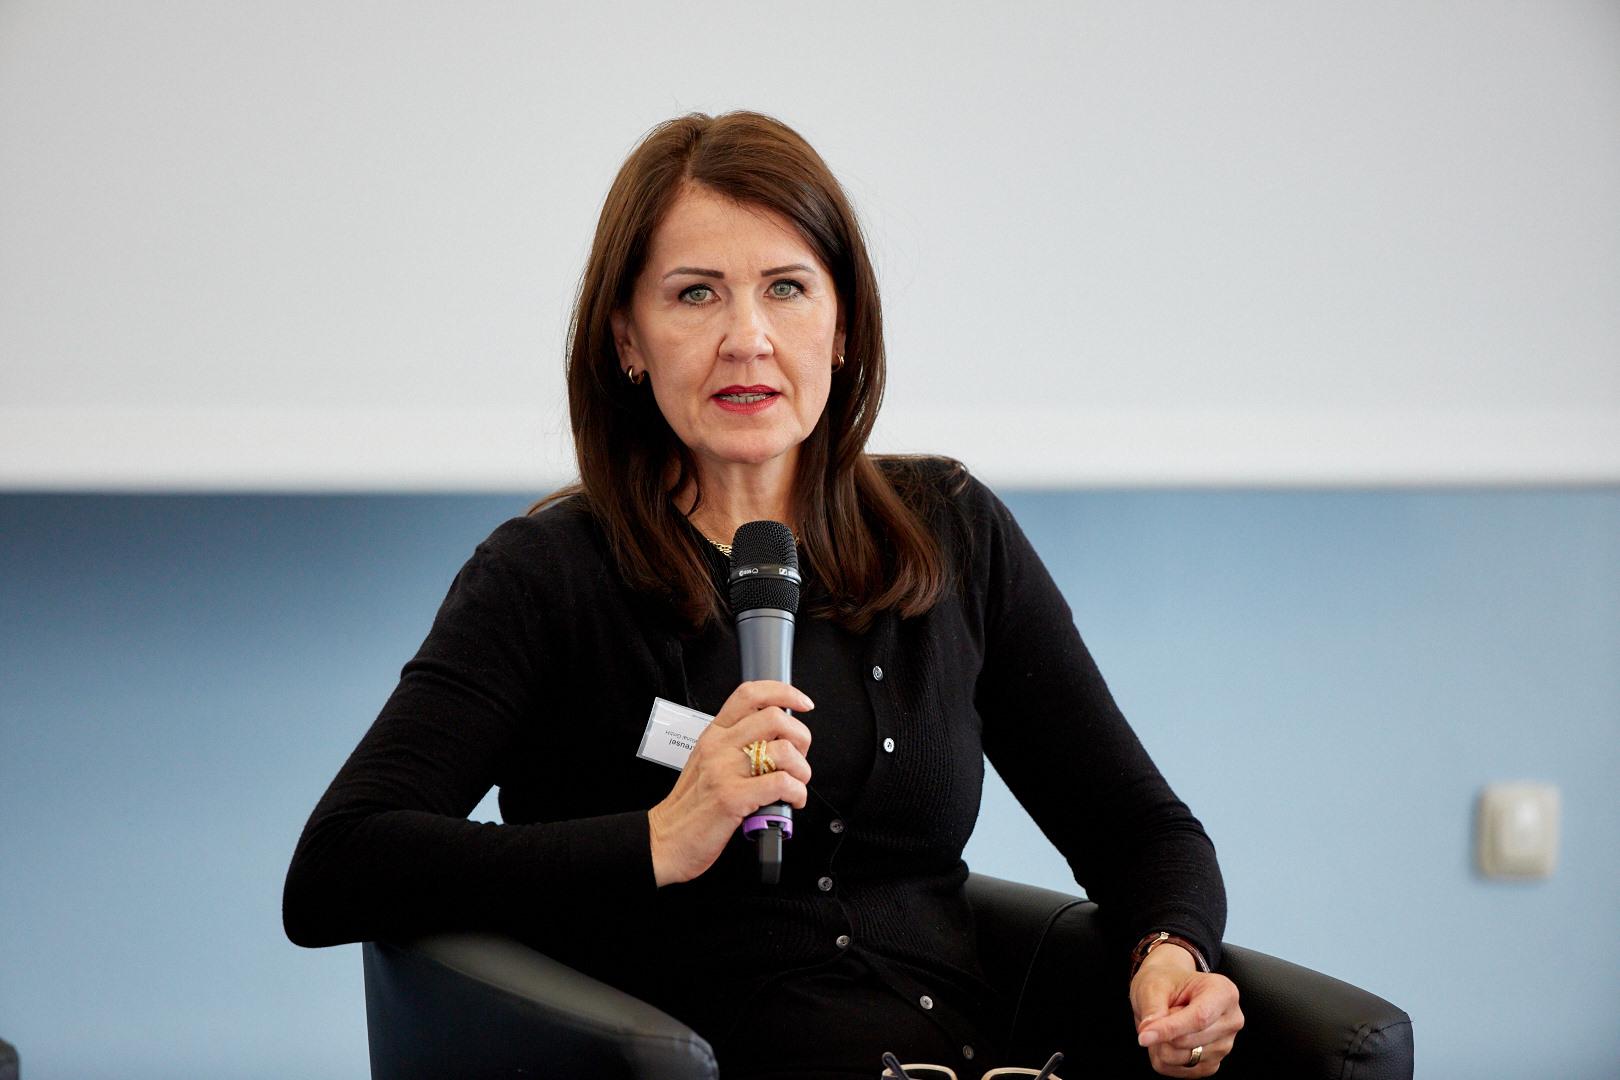 Stefanie Kreusel